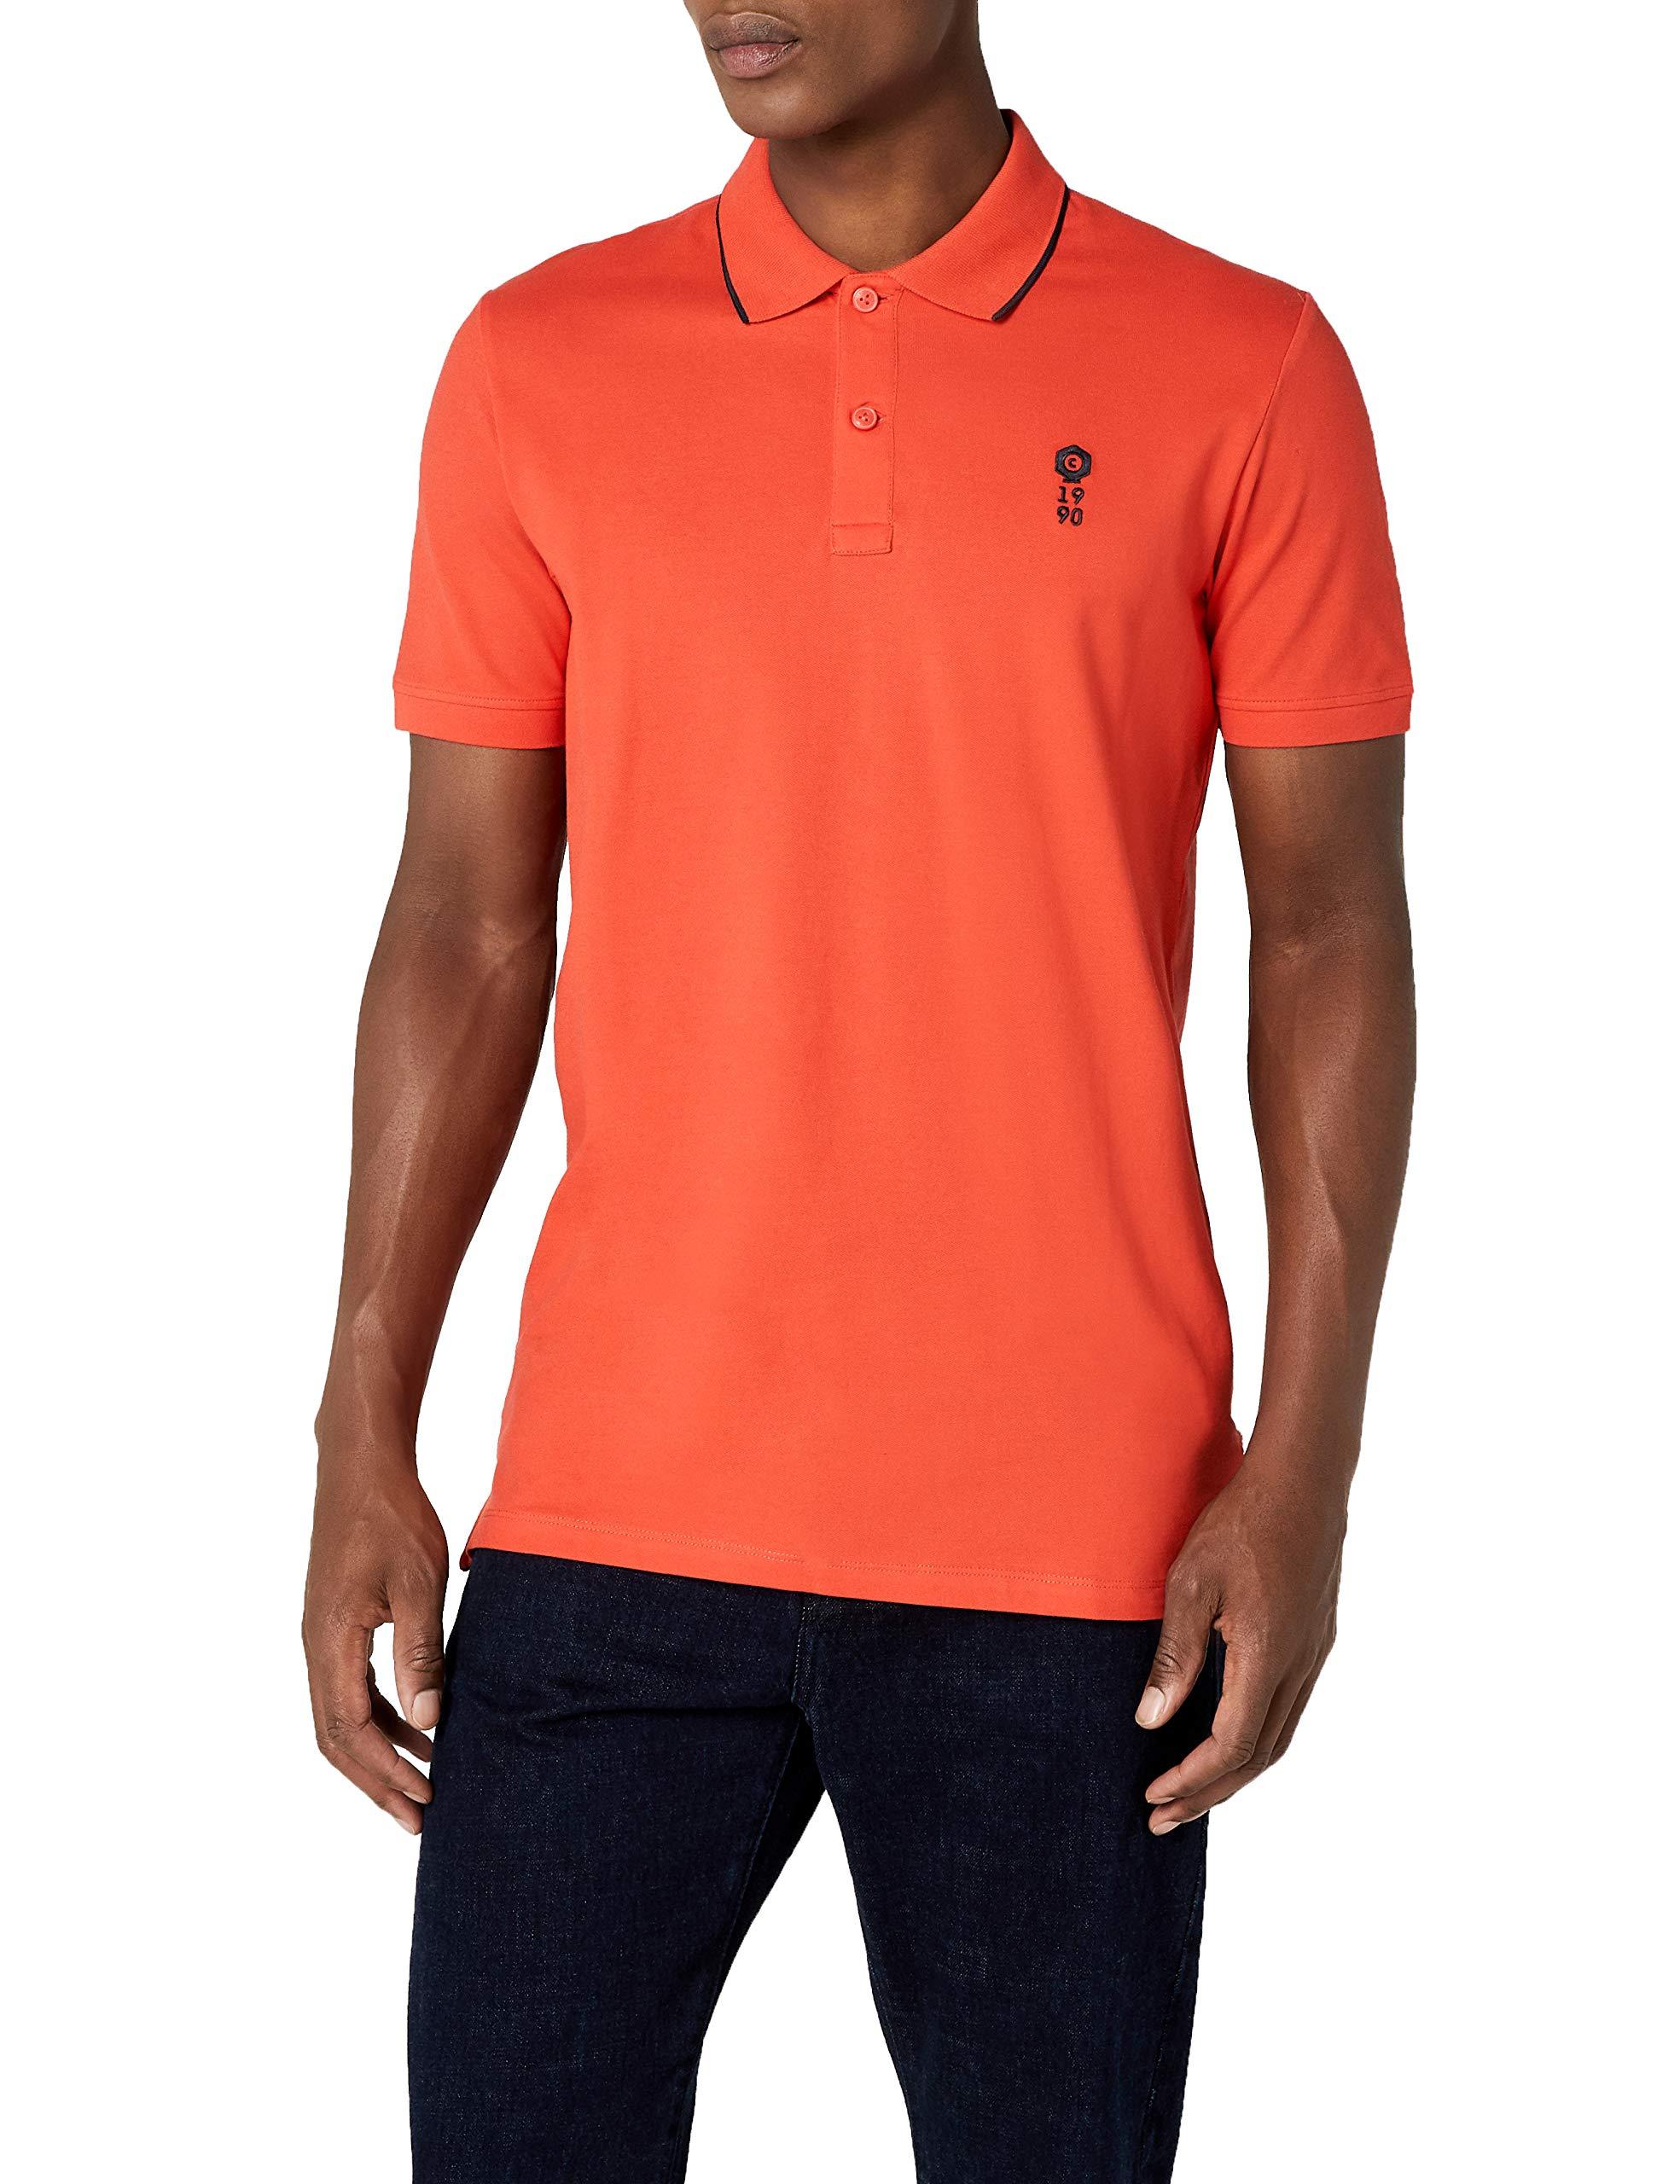 Mejor valorados en Camisetas y polos para hombre   Opiniones útiles ... c9970924ea7df